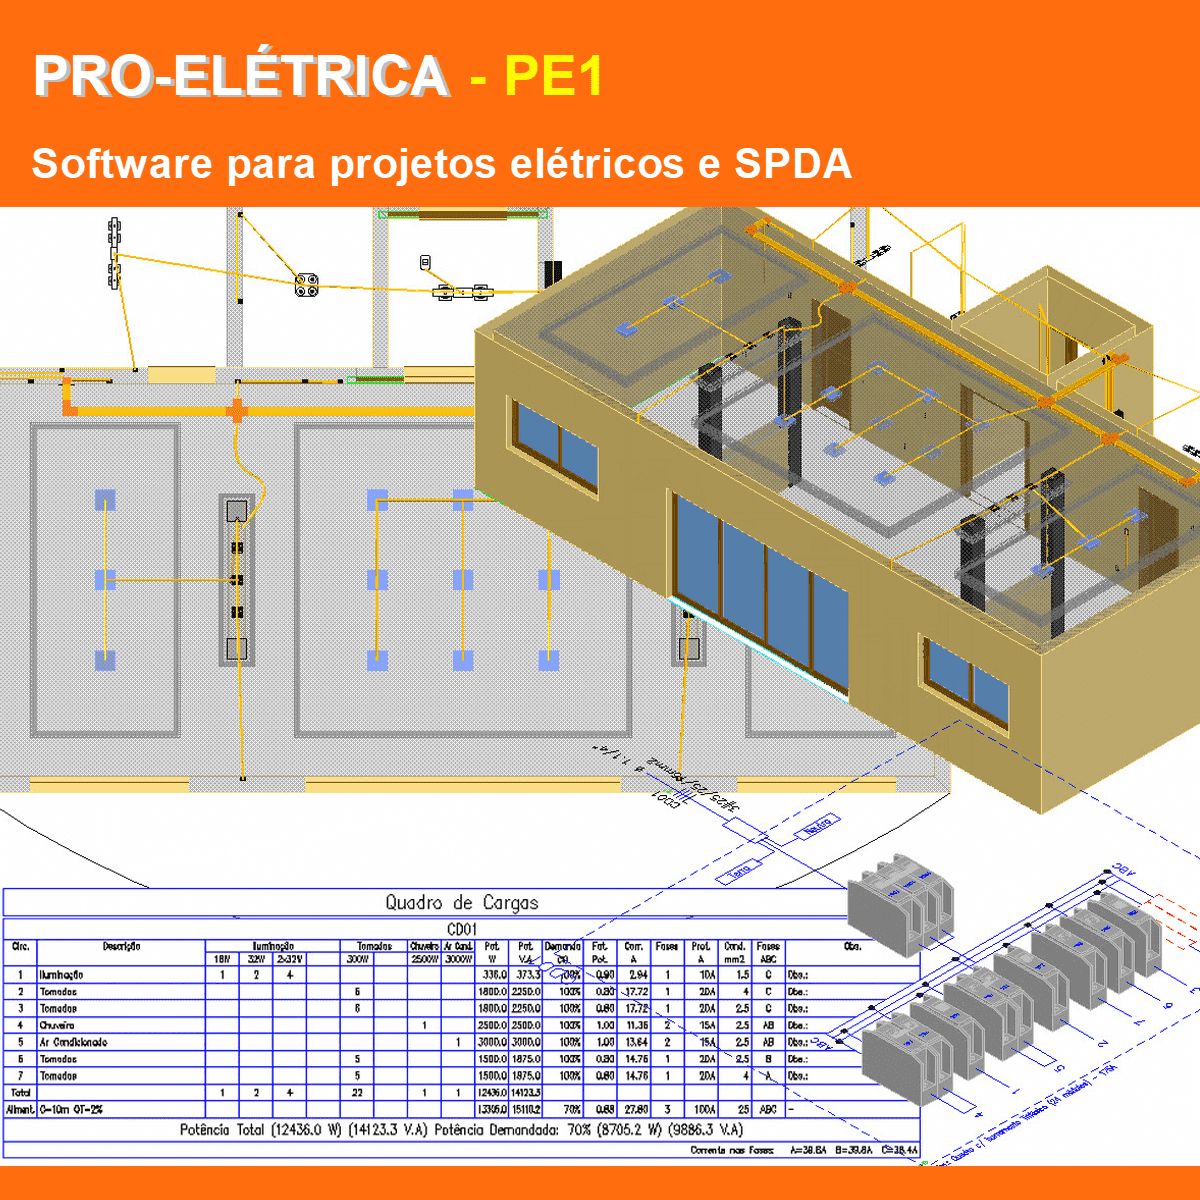 Software PRO-Elétrica versão 18 Pacote PE1 incluindo Detalhamento, Dimensionamento, Cabeamento Estruturado, SPDA, Automação Residencial, Loteamentos e Instalação Fotovoltaica